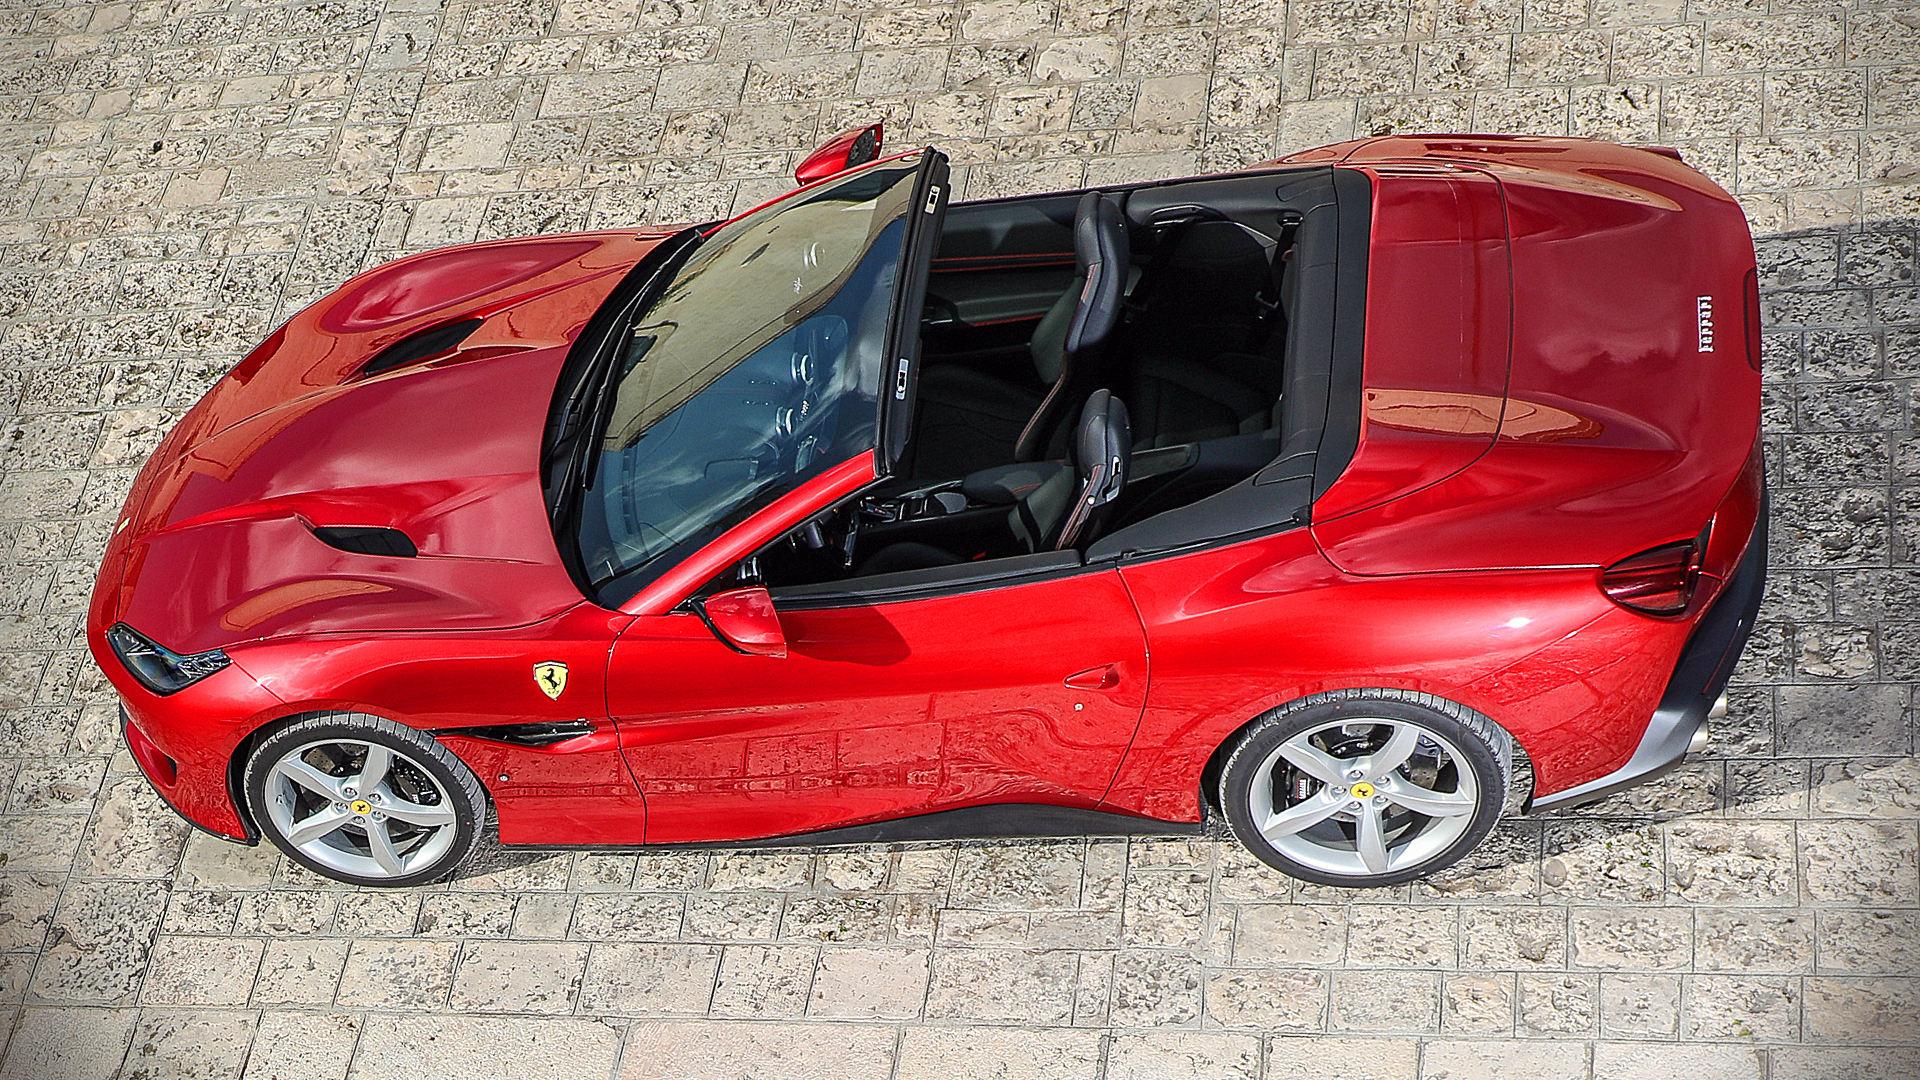 2019 Ferrari Portofino Red Convertible